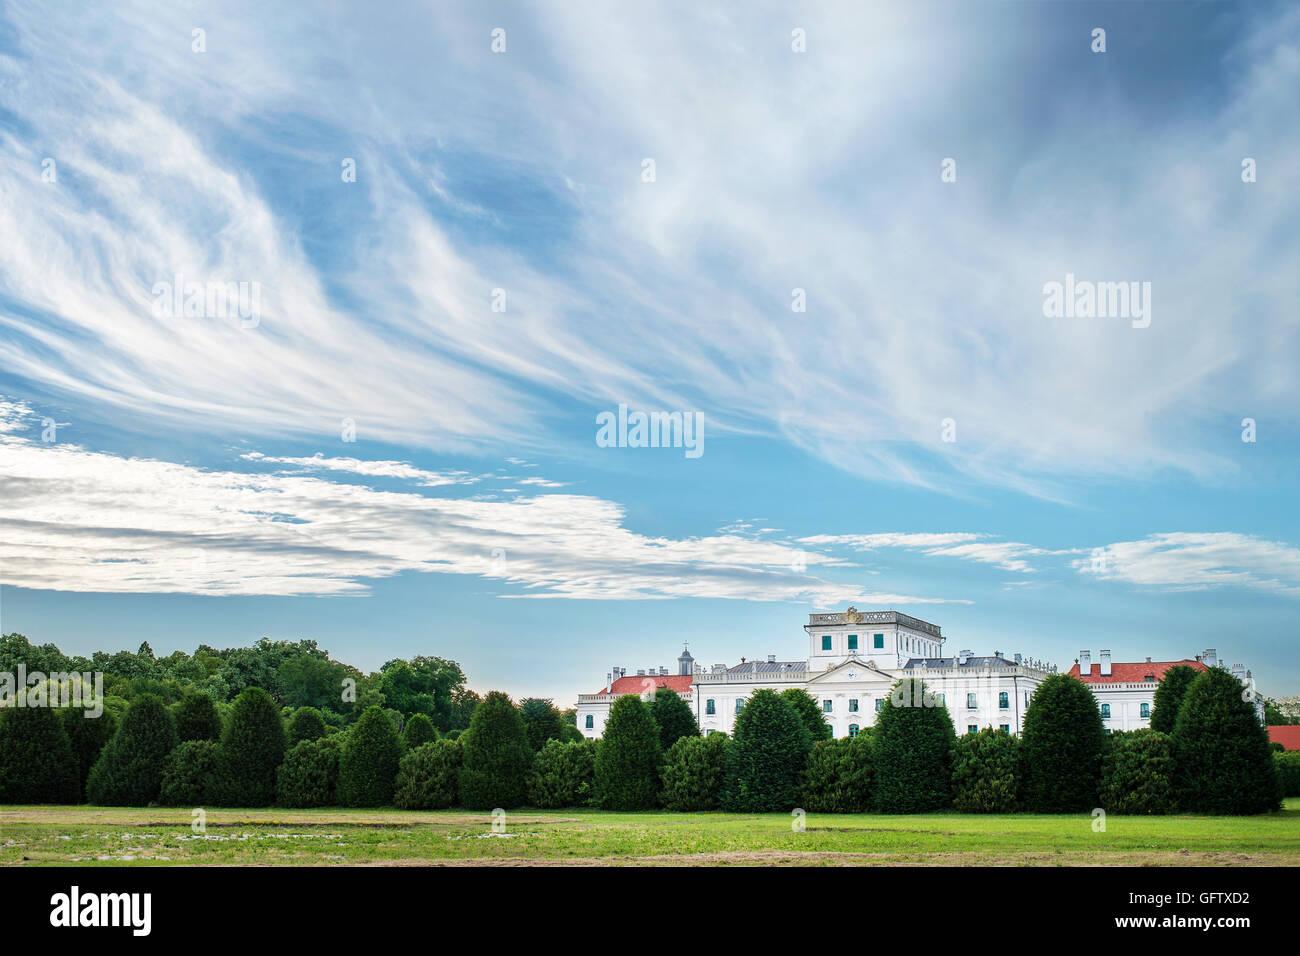 Esterhazy castle backyard park in Fertod, Hungary - Stock Image